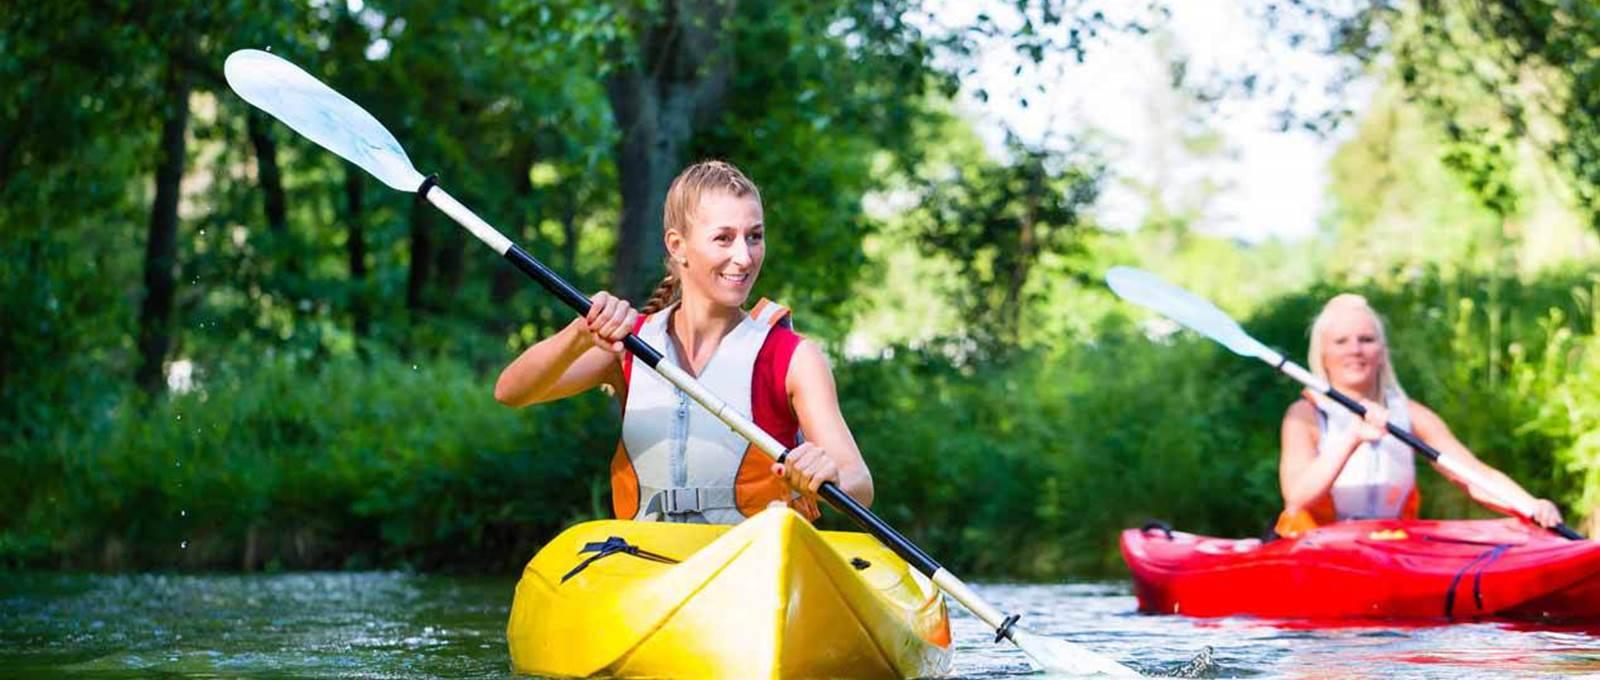 Canoe La Marqueze partenaire Hotel Le Rond Point Hossegor Landes